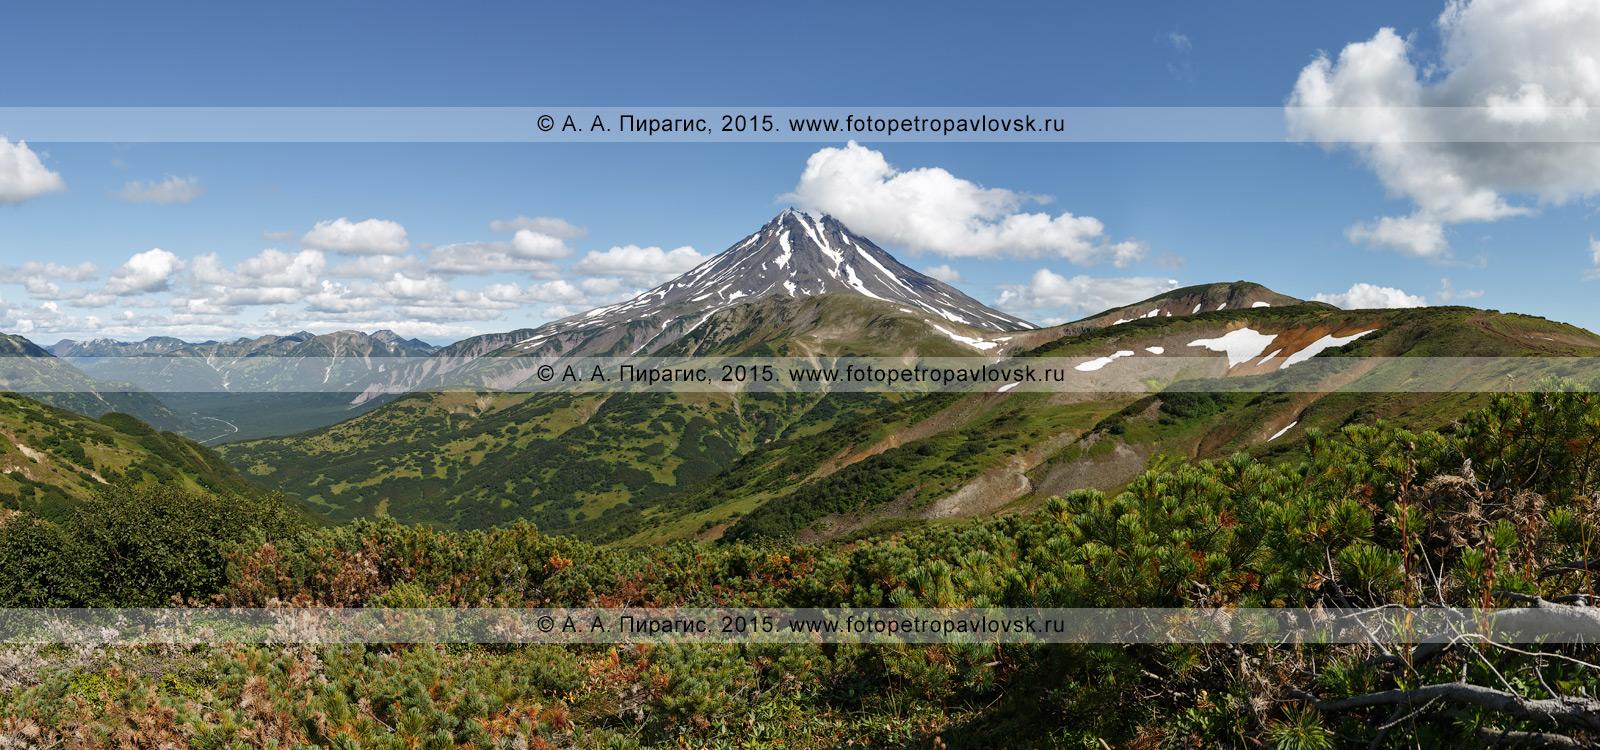 Фотография: камчатская панорама — вид на Вилючинский вулкан (Vilyuchinsky Volcano) с Вилючинского перевала. Полуостров Камчатка